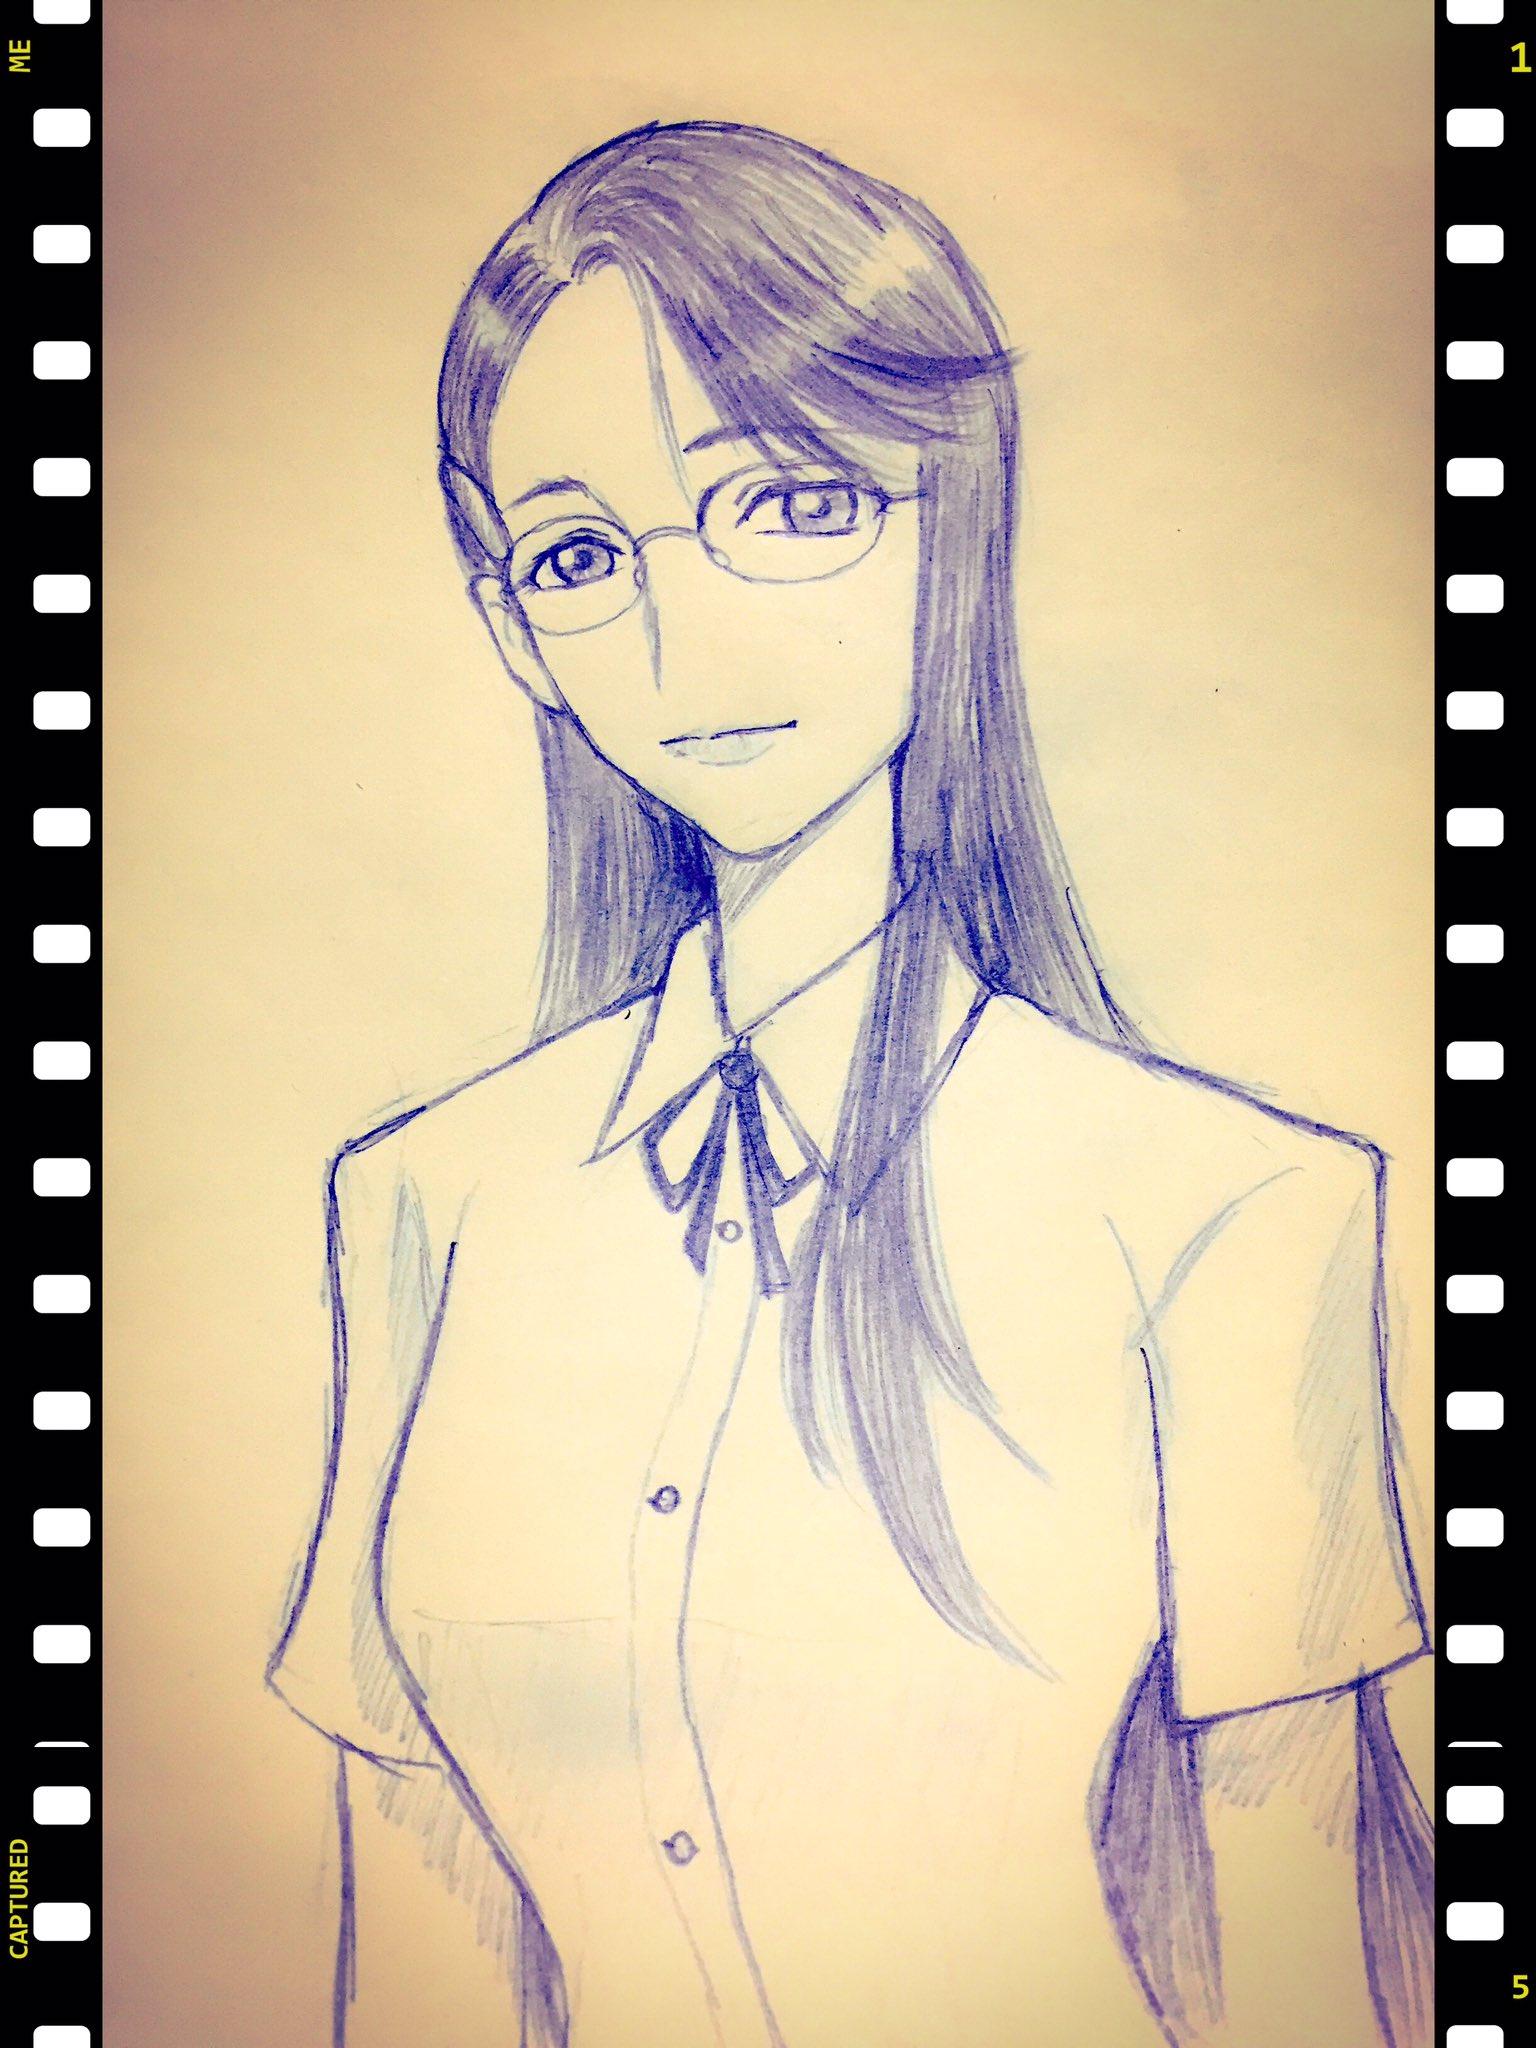 シン☆ぽんの名は。(SHIN-PON) (@SHIN_YANAI)さんのイラスト